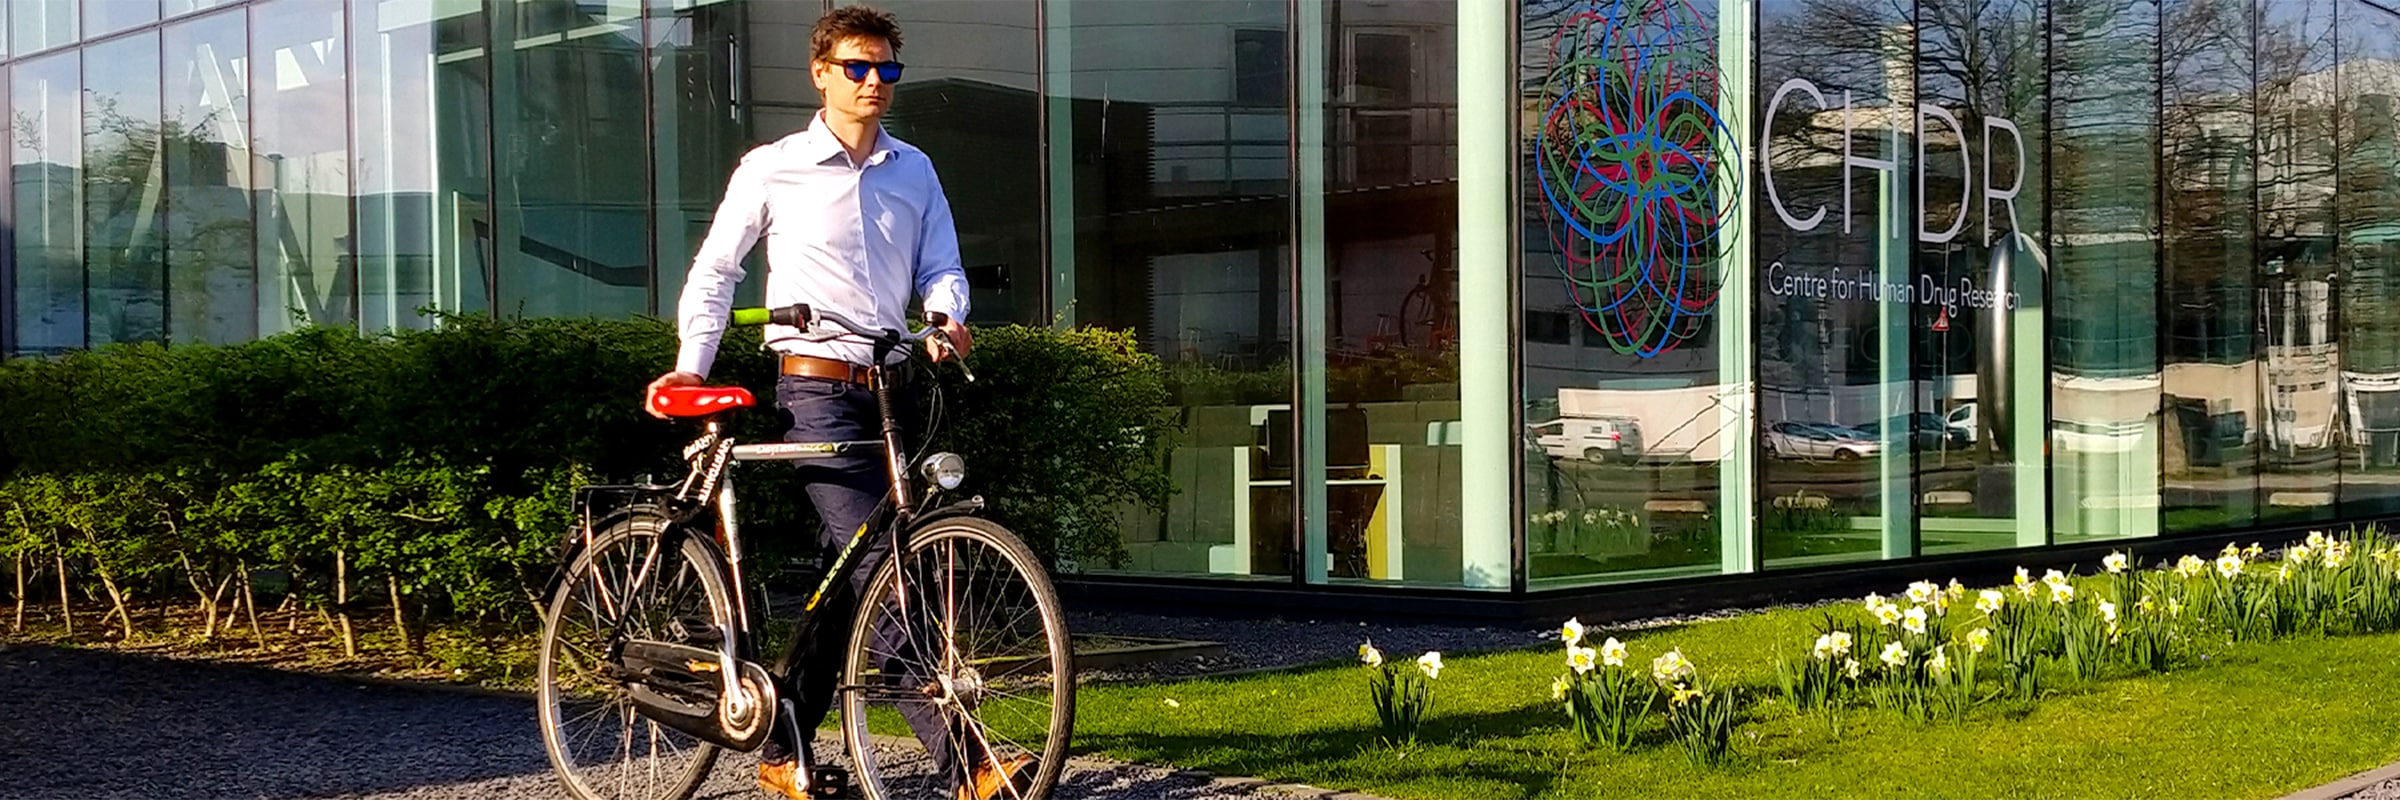 Ook zakelijk fietsen leasen? Dat is mogelijk bij EasyFiets! Voor een vast bedrag per maand is jouw personeel voorzien van een fiets.